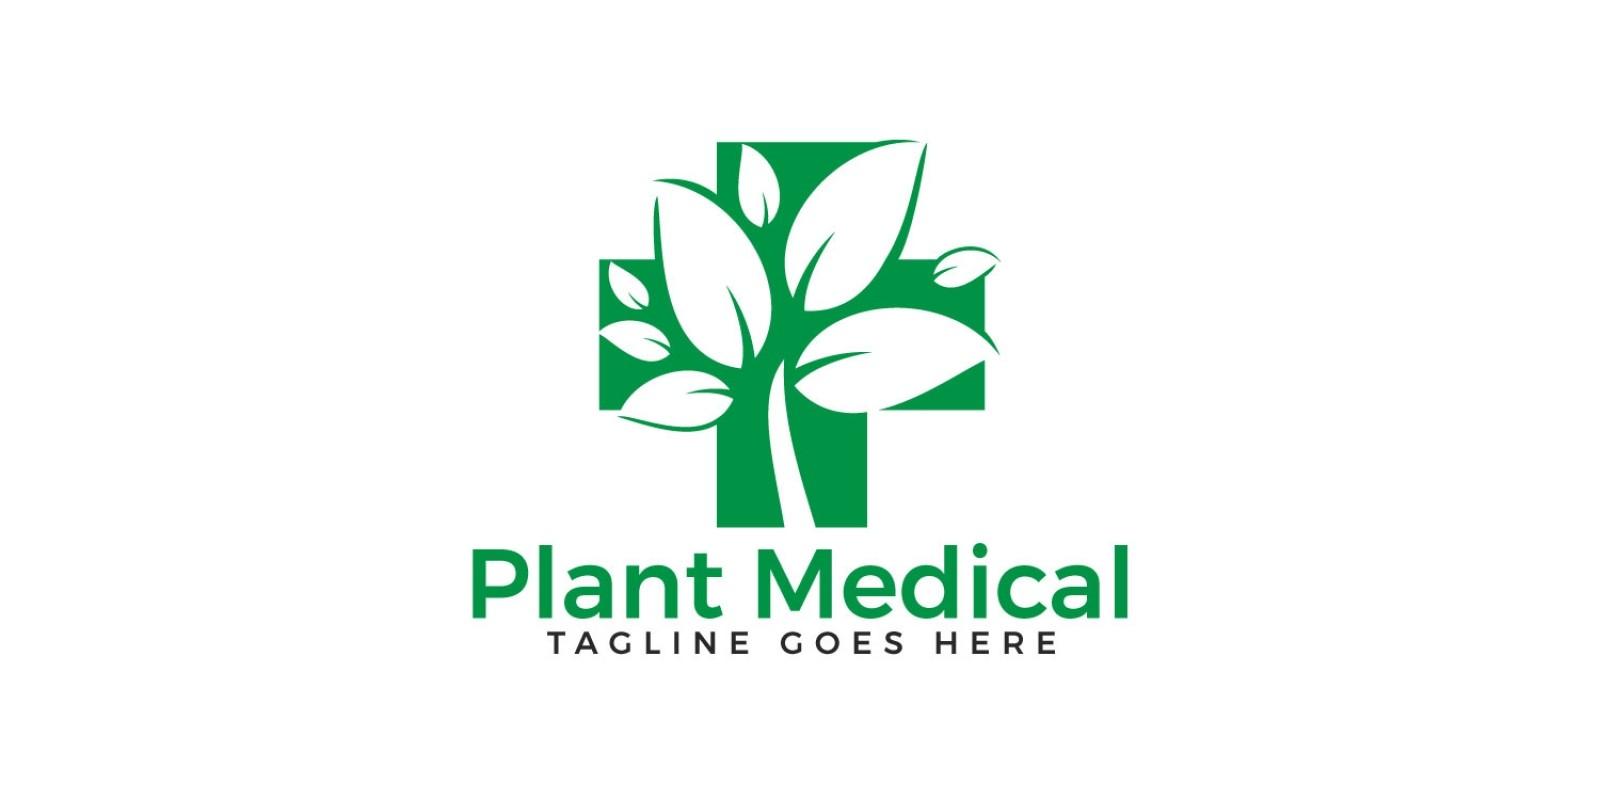 Plant Medical Logo Design